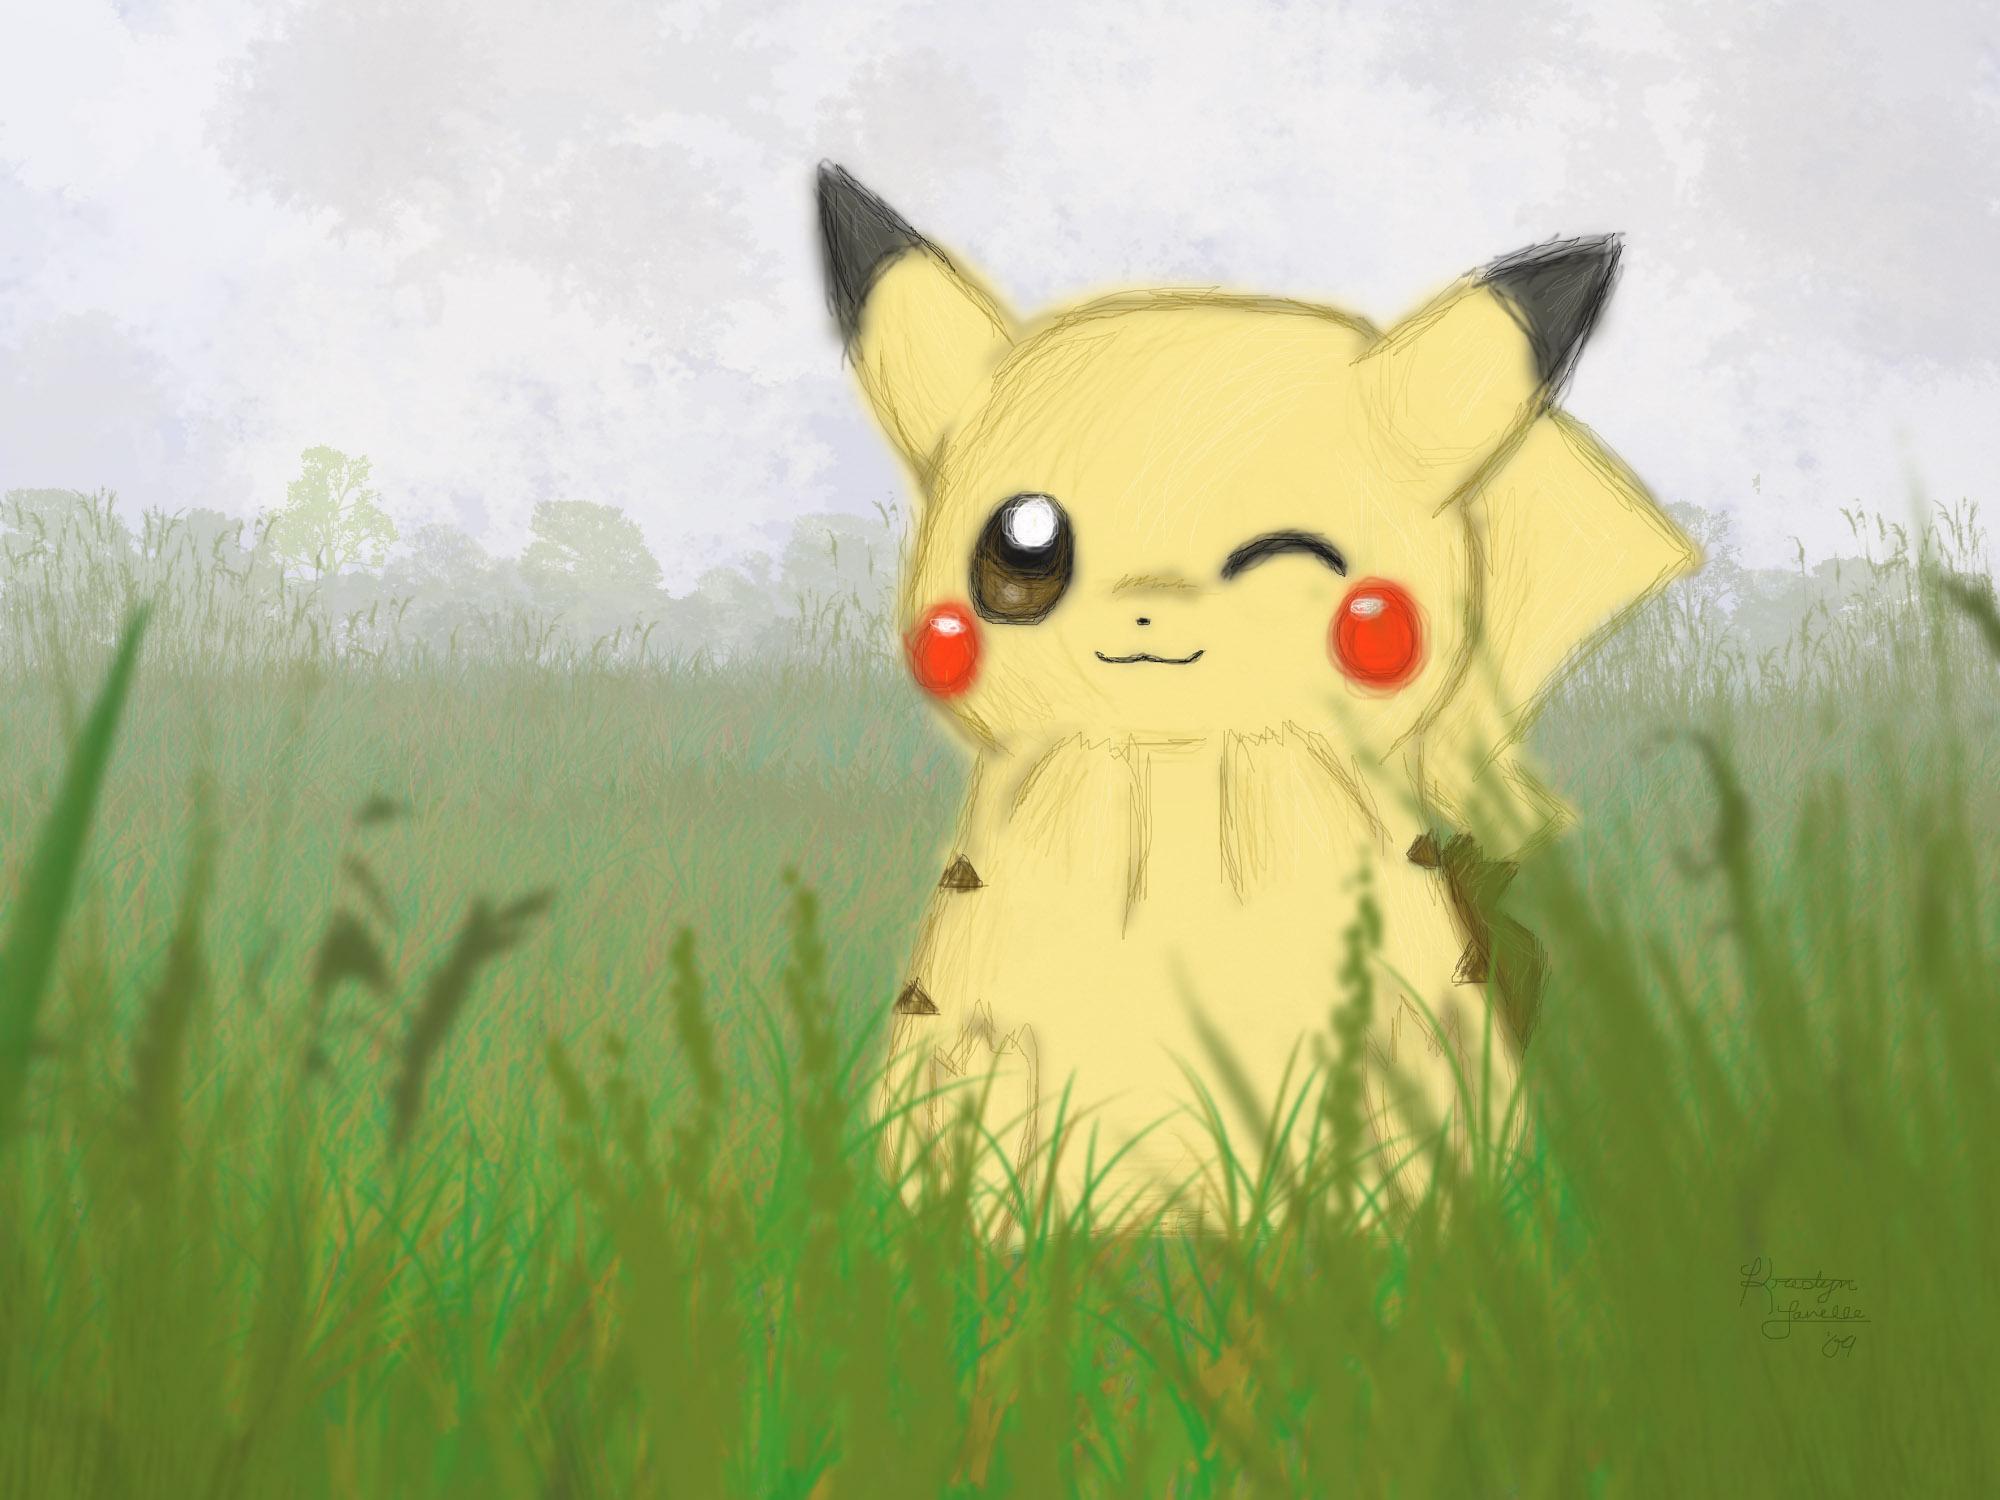 Pikachu Wallpaper- Foggy Field by KristynJanelle